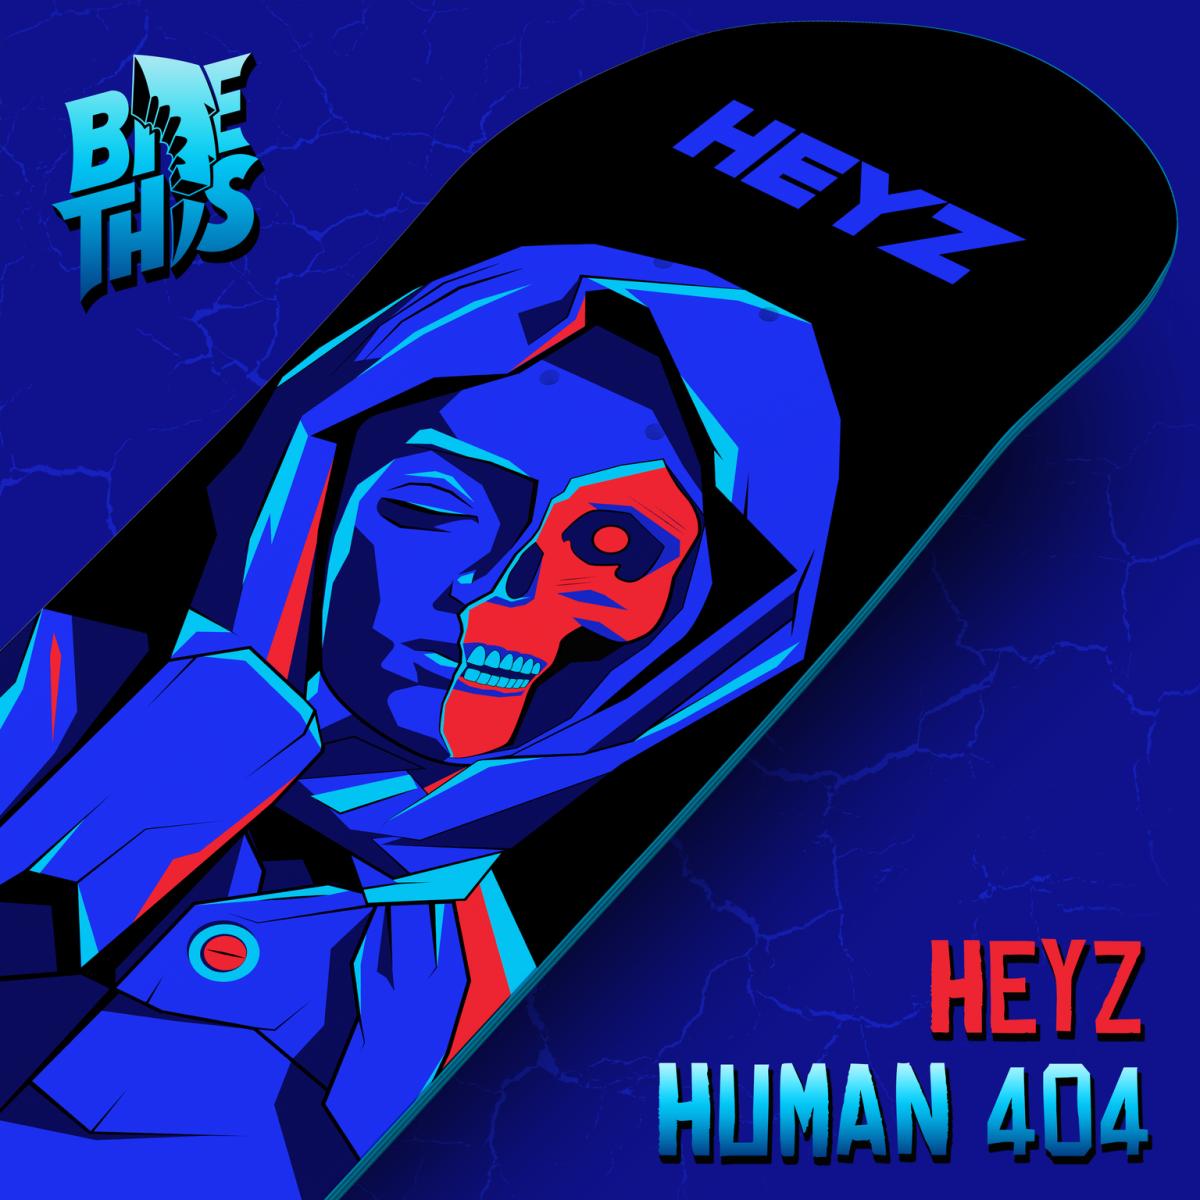 HEYZ Human 404 EP